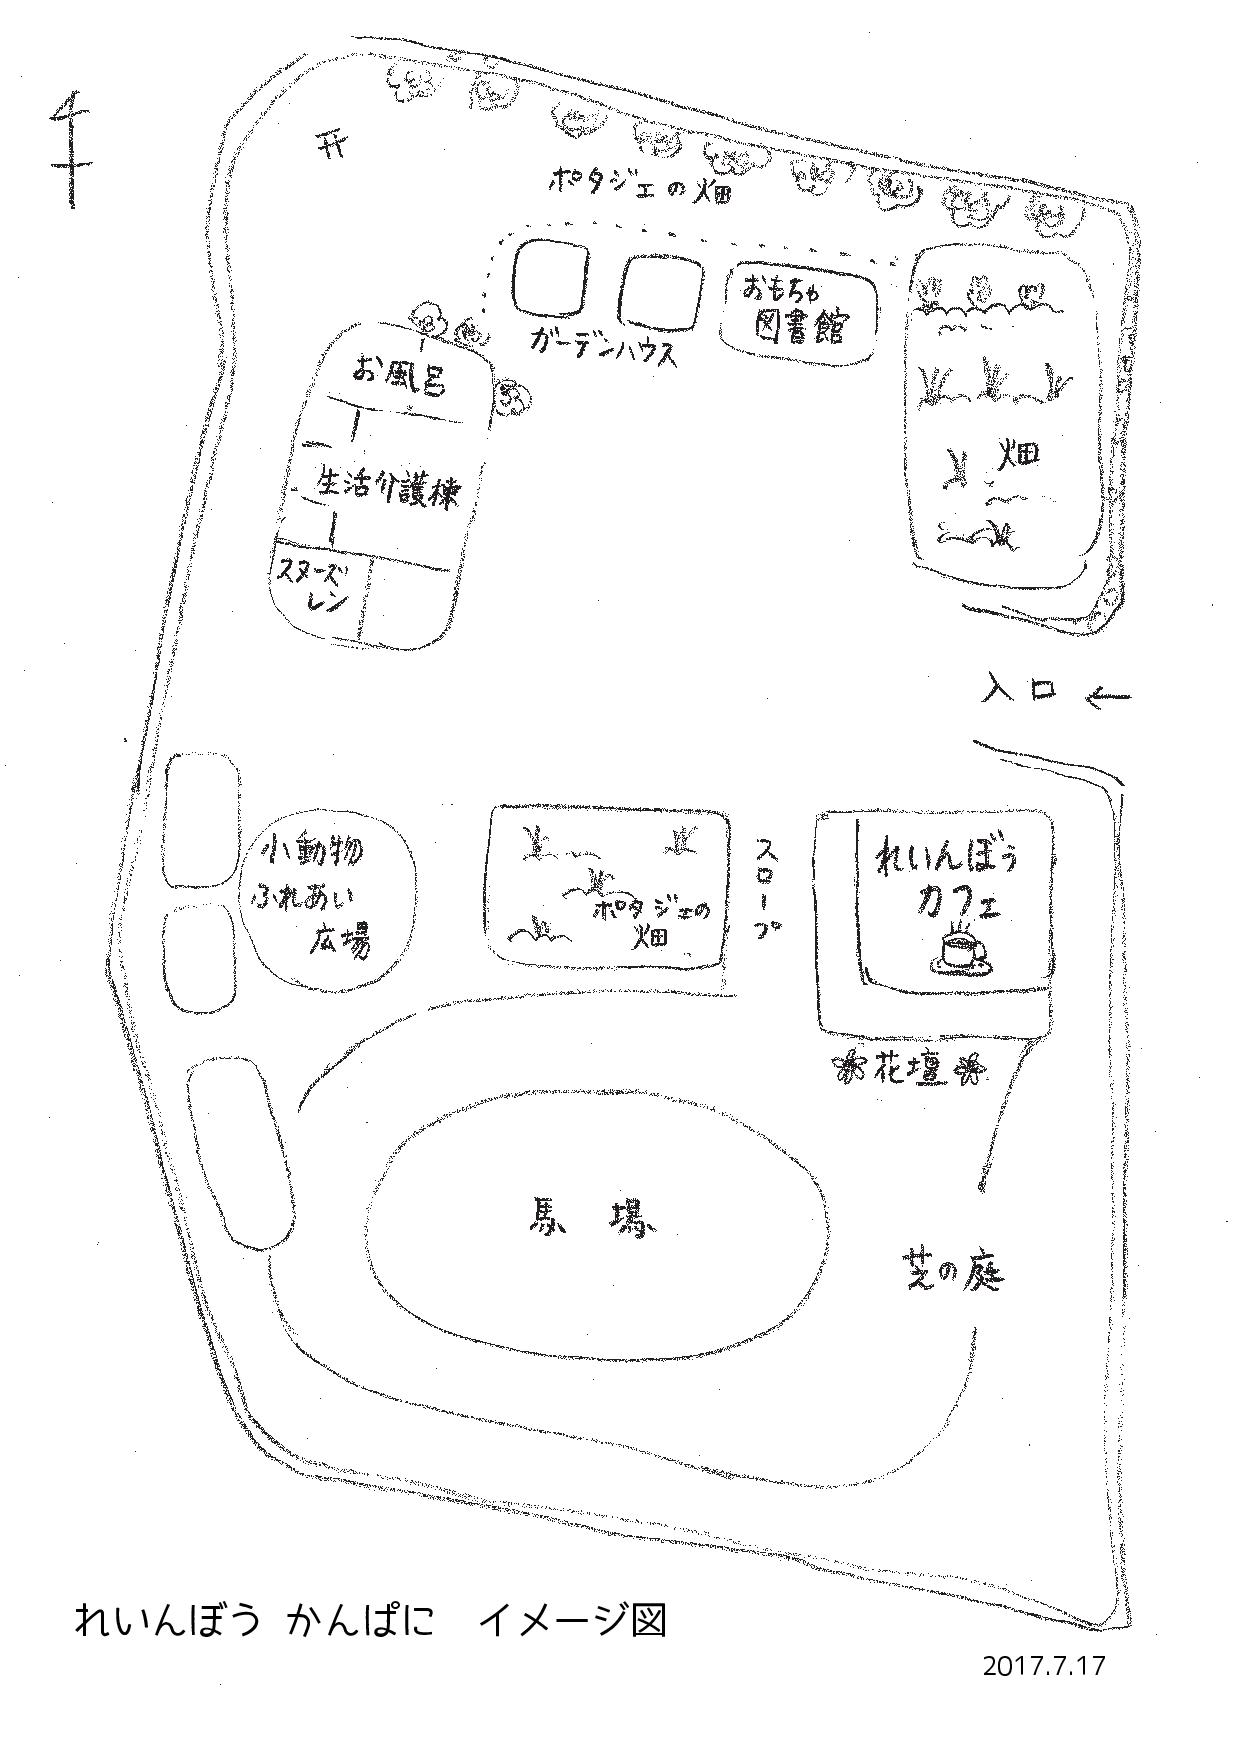 れいんぼうかんぱにイメージ図